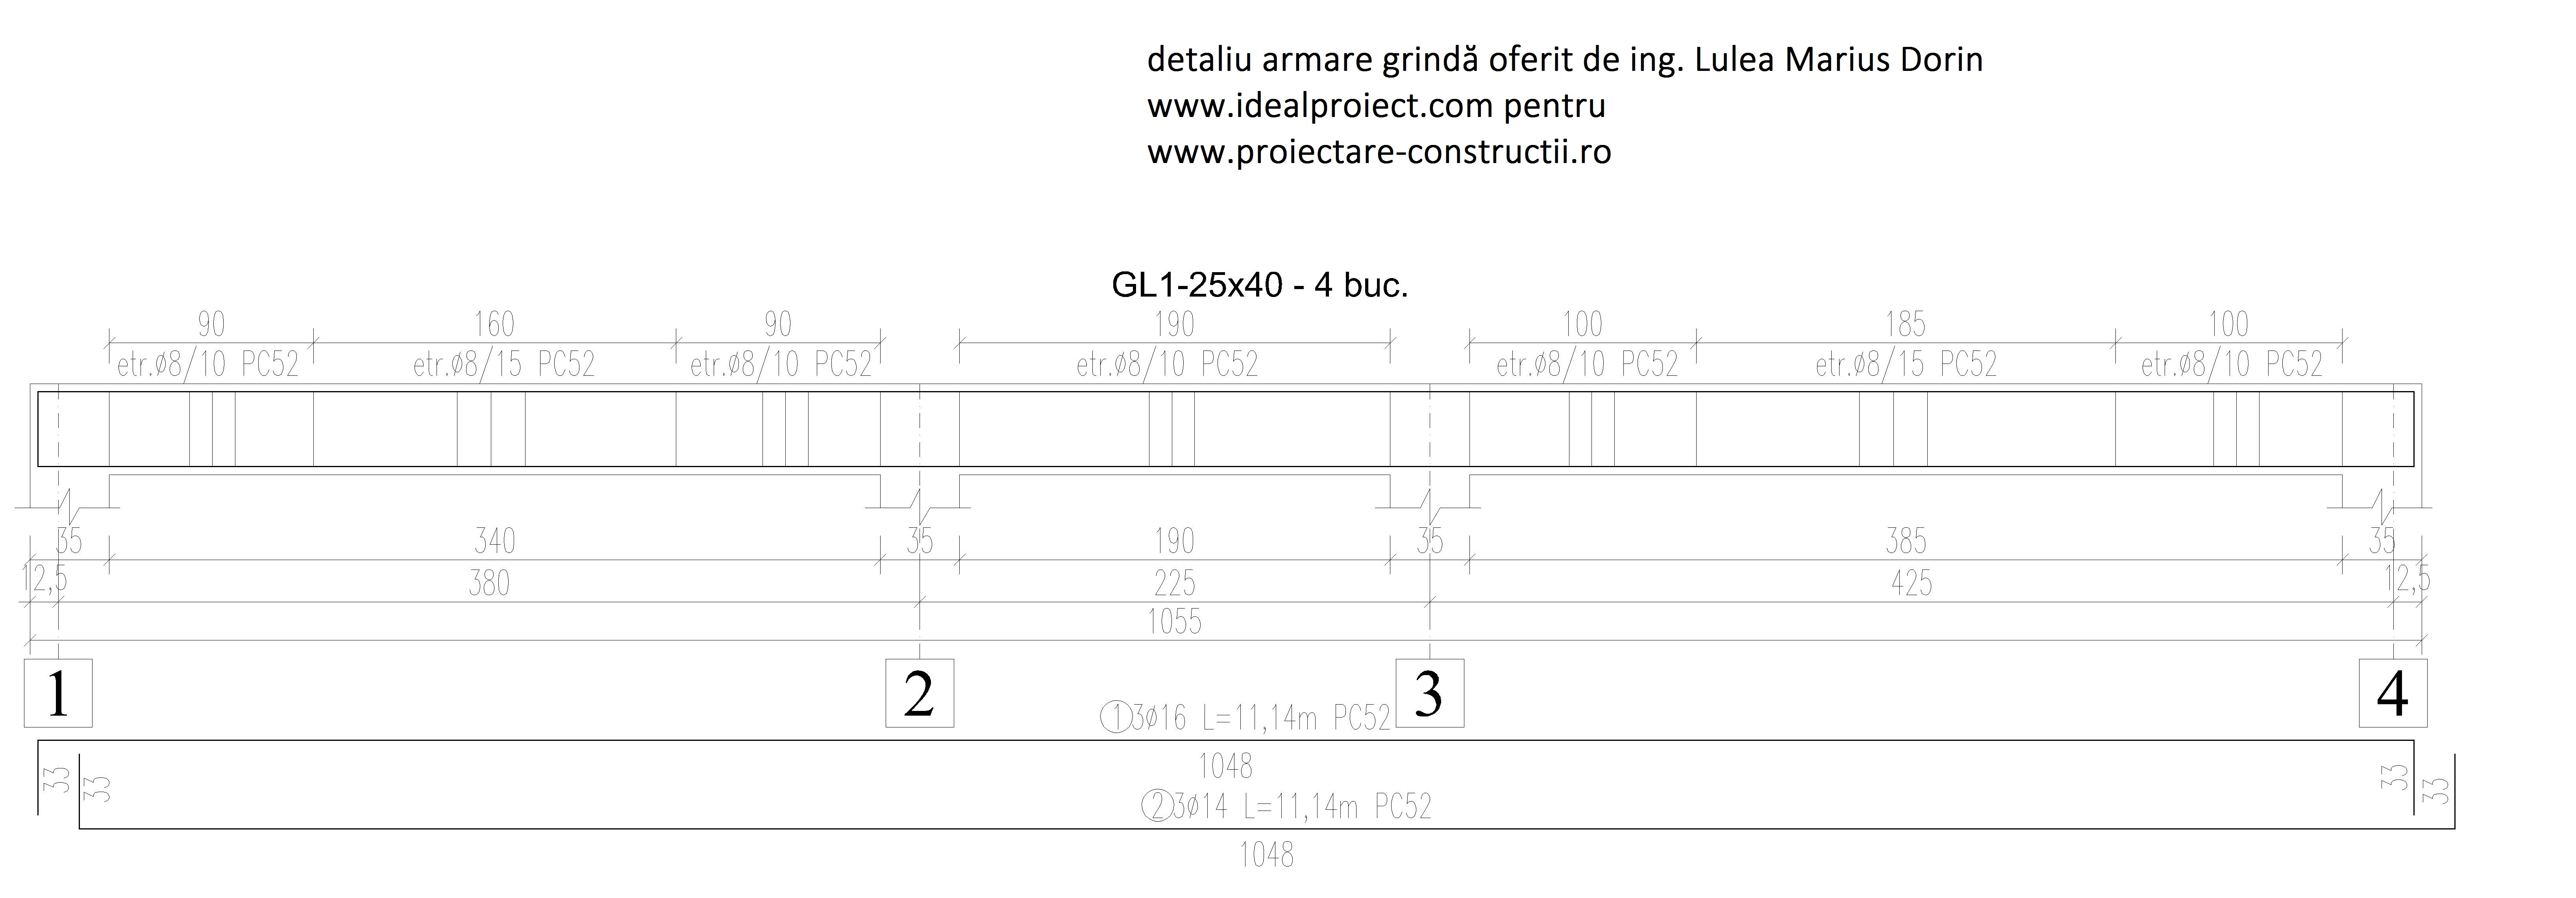 exemplu armare grinda din beton armat lulea marius dorin ideal proiect